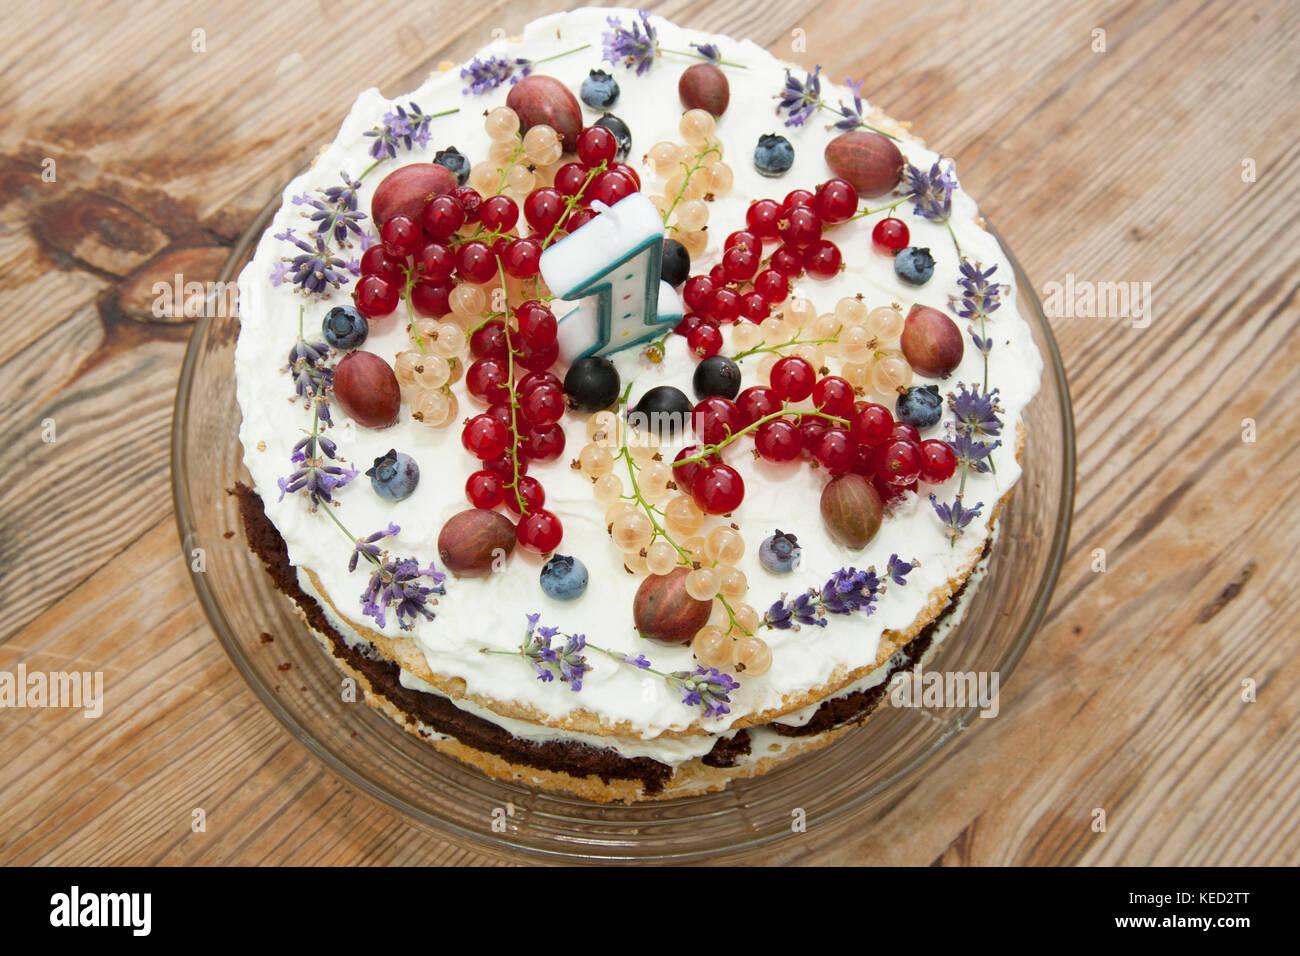 Fruchtig Gesunde Geburtstag Kuchen Mit Einer Zahl Von 1 Kerze Auf